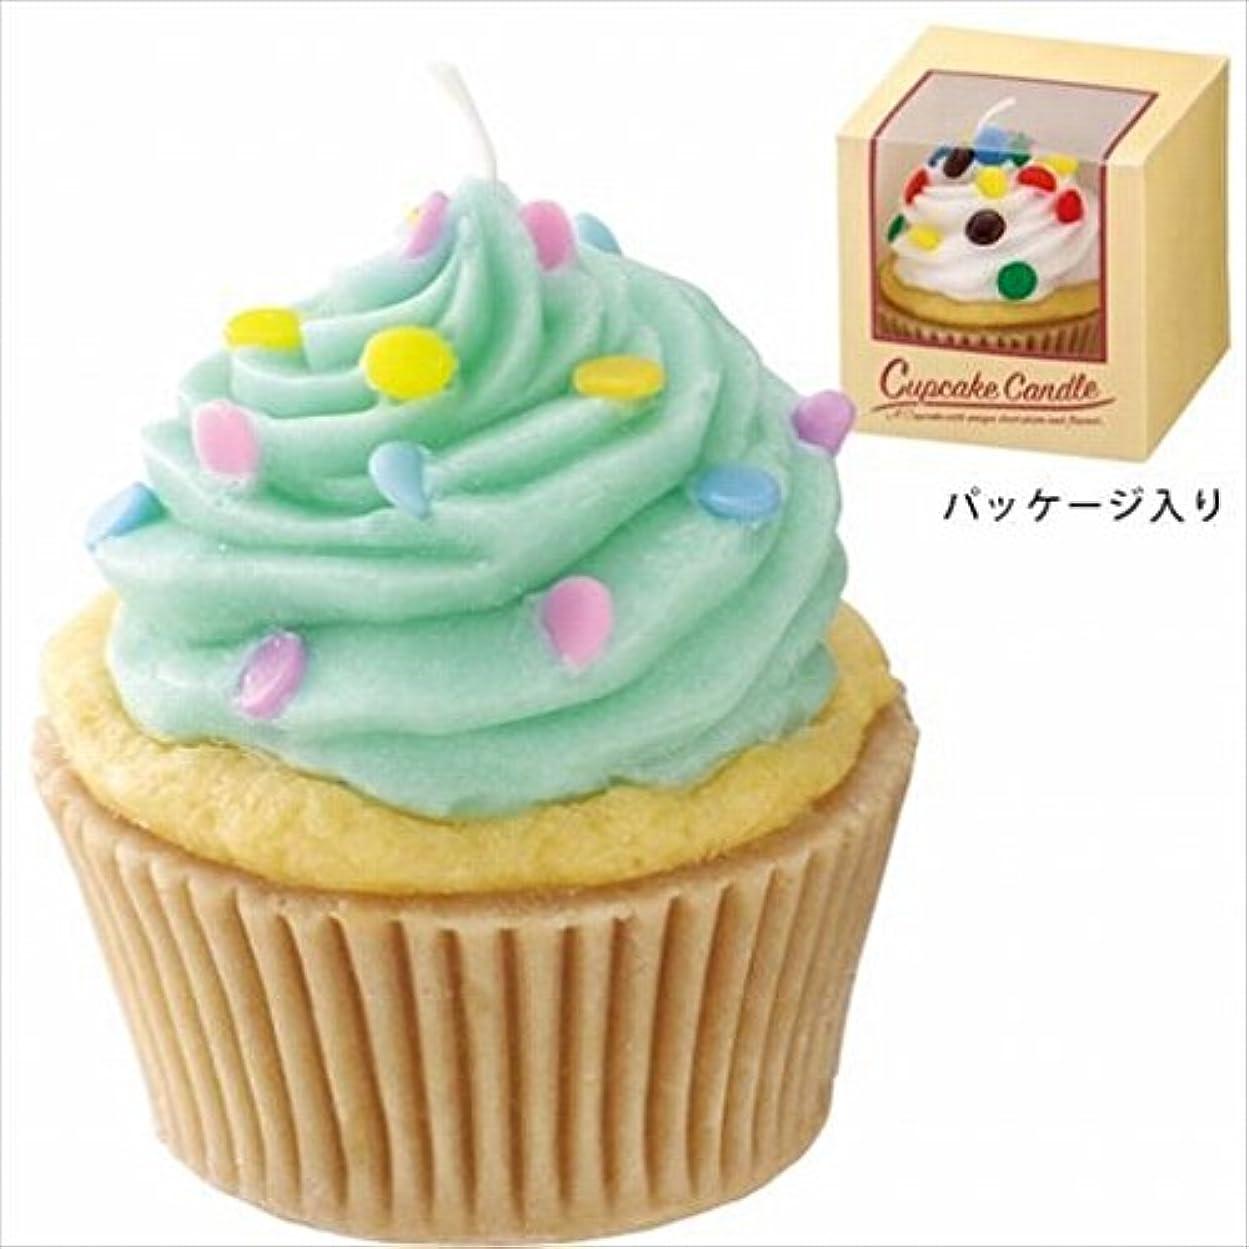 証明リハーサルお嬢カメヤマキャンドル(kameyama candle) アメリカンカップケーキキャンドル 「 ミントクリーム 」